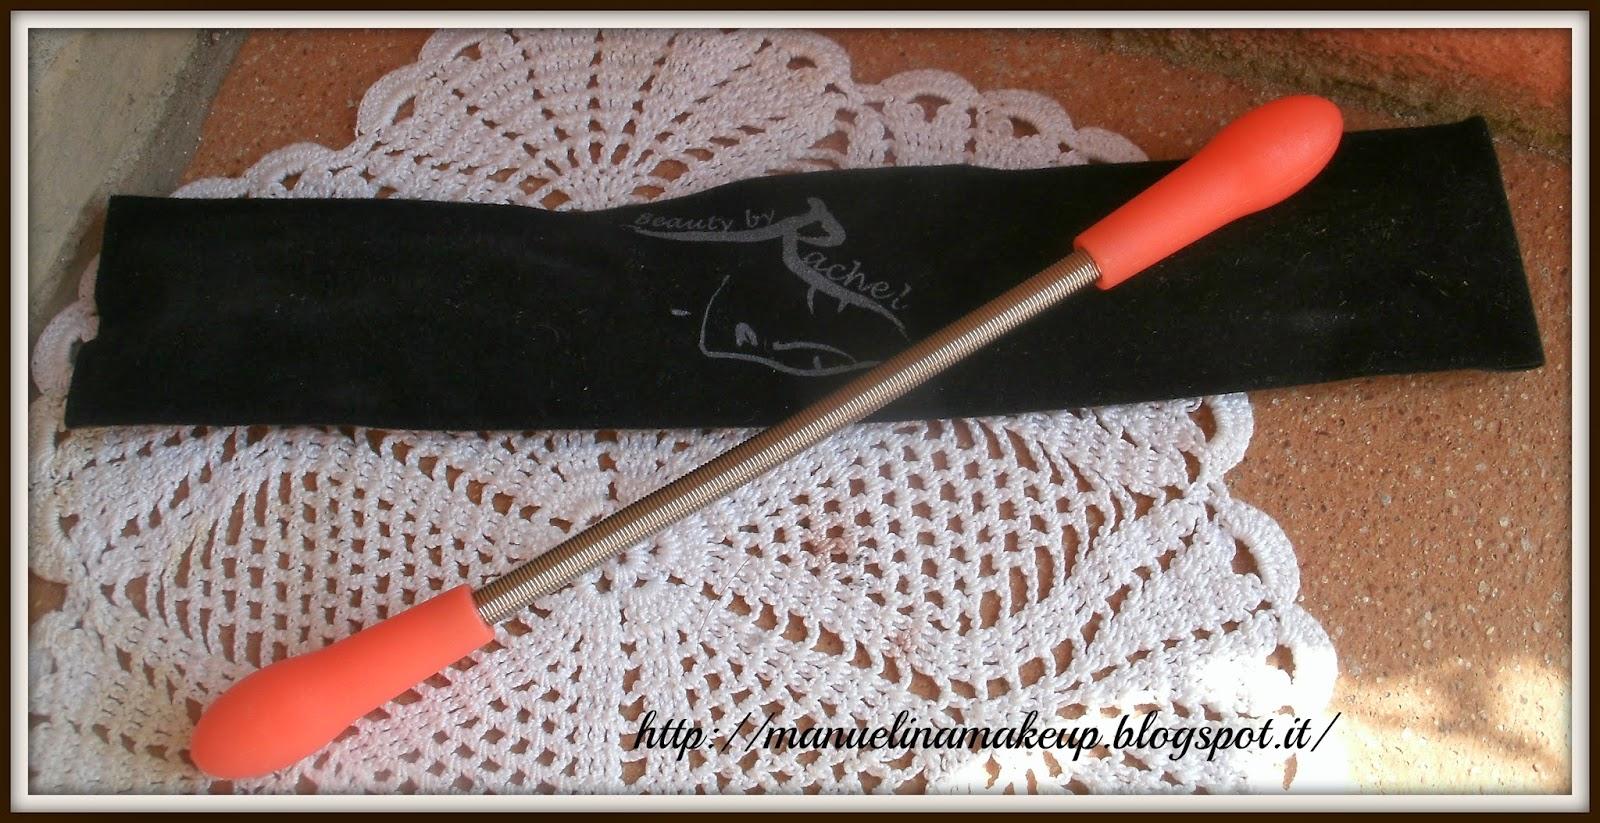 Il blog di manu beauty by rachel i migliori accessori - Togliere silicone dalle piastrelle ...